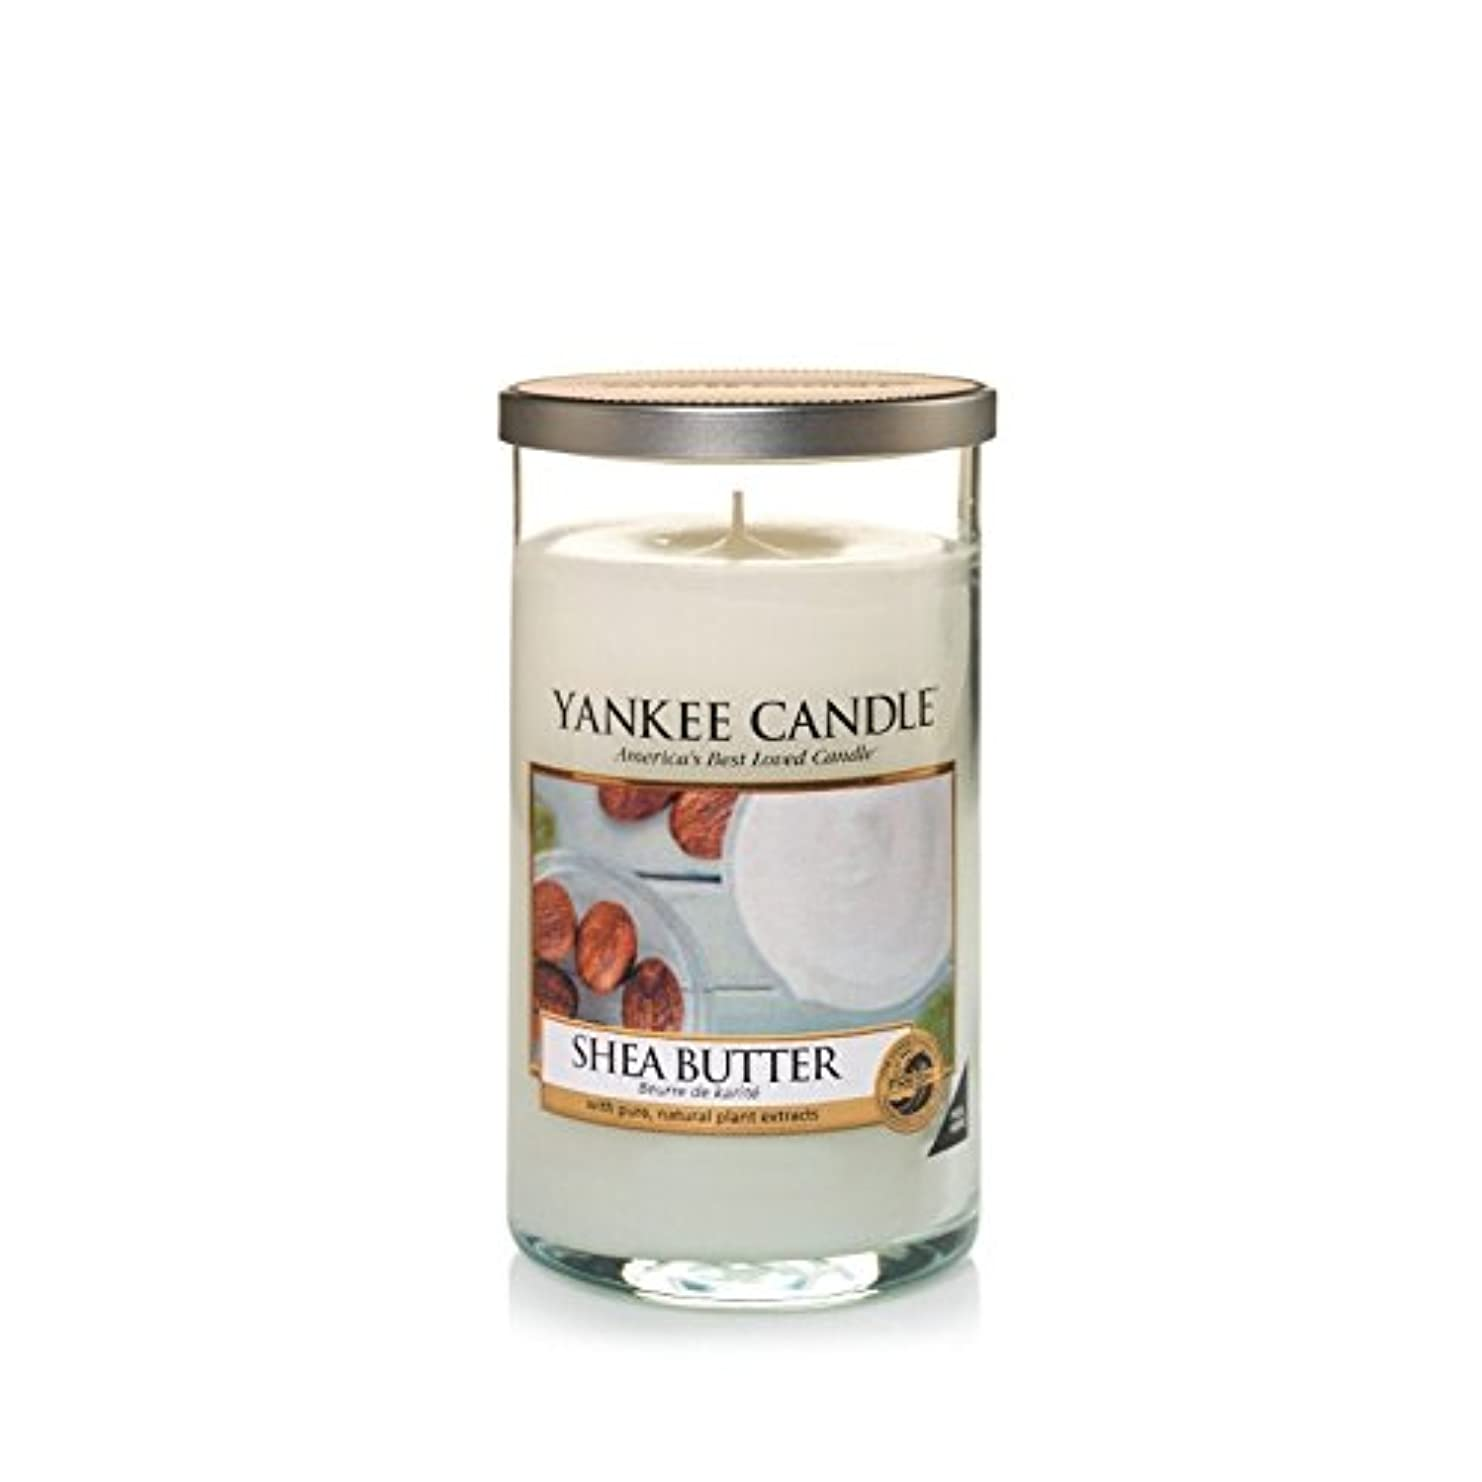 望む情熱的検出Yankee Candles Medium Pillar Candle - Shea Butter (Pack of 6) - ヤンキーキャンドルメディアピラーキャンドル - シアバター (x6) [並行輸入品]